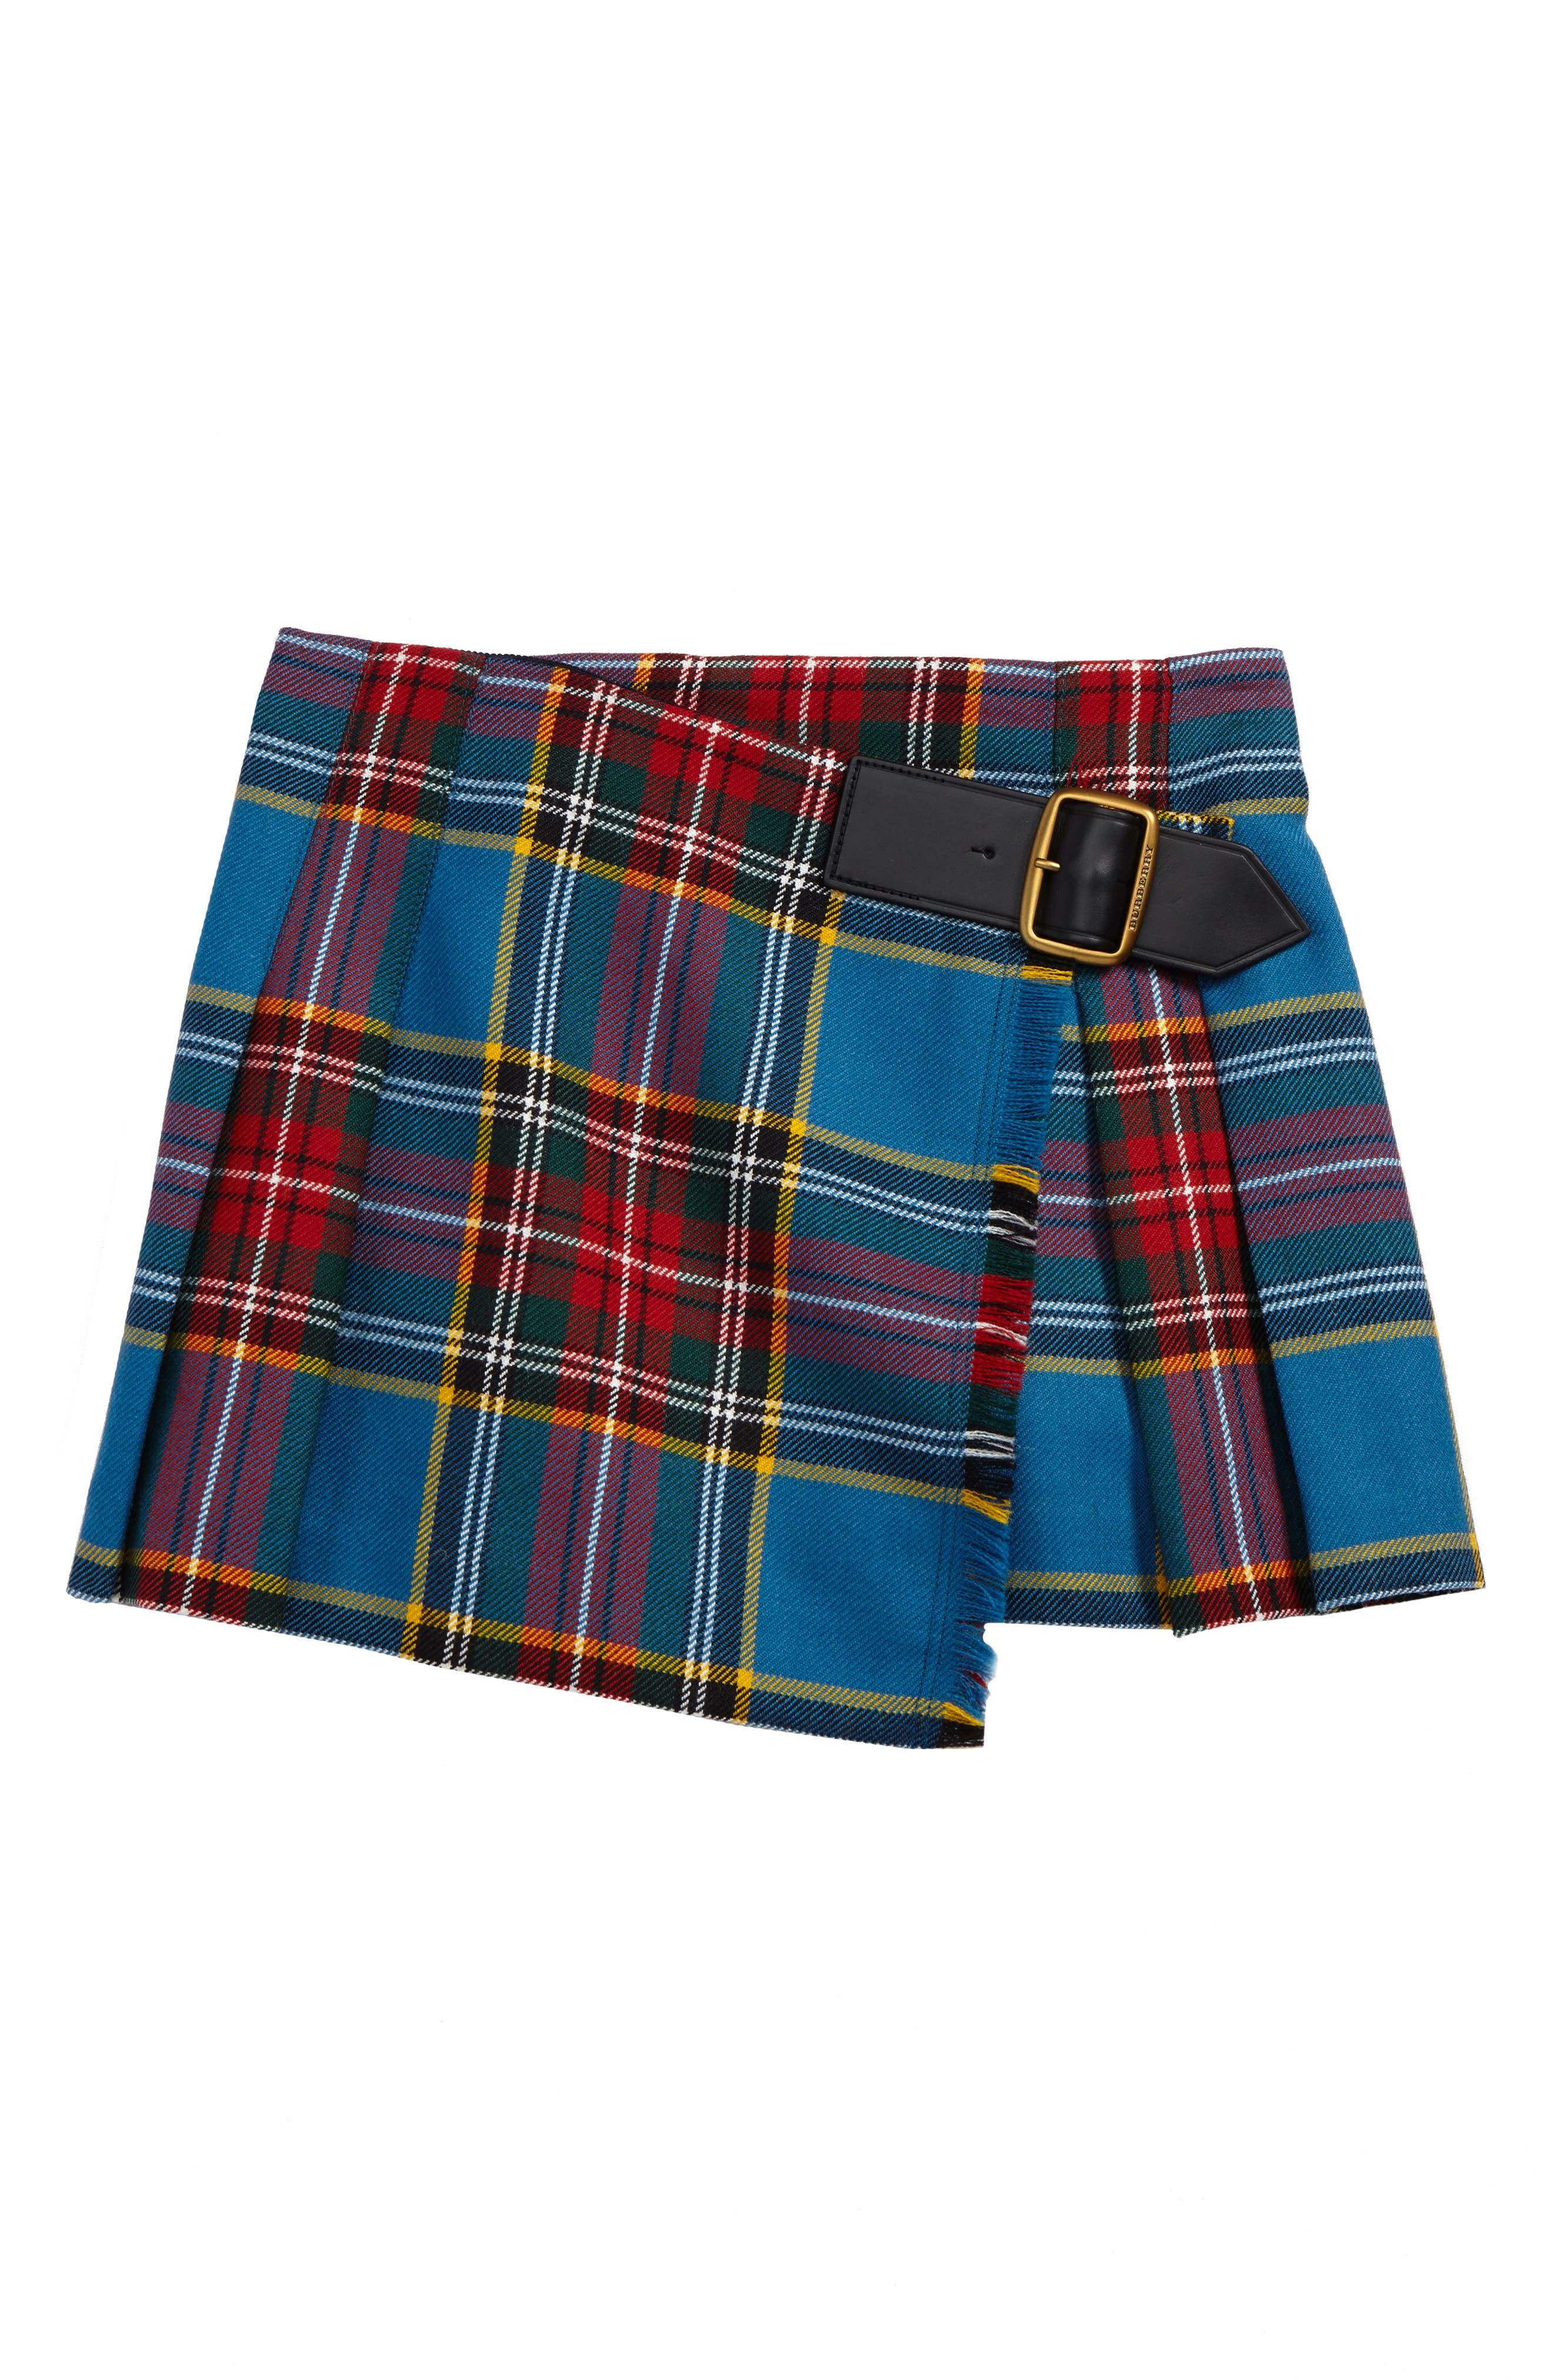 Burberry Klorrie Plaid Wool Miniskirt (Little Girls & Big Girls)